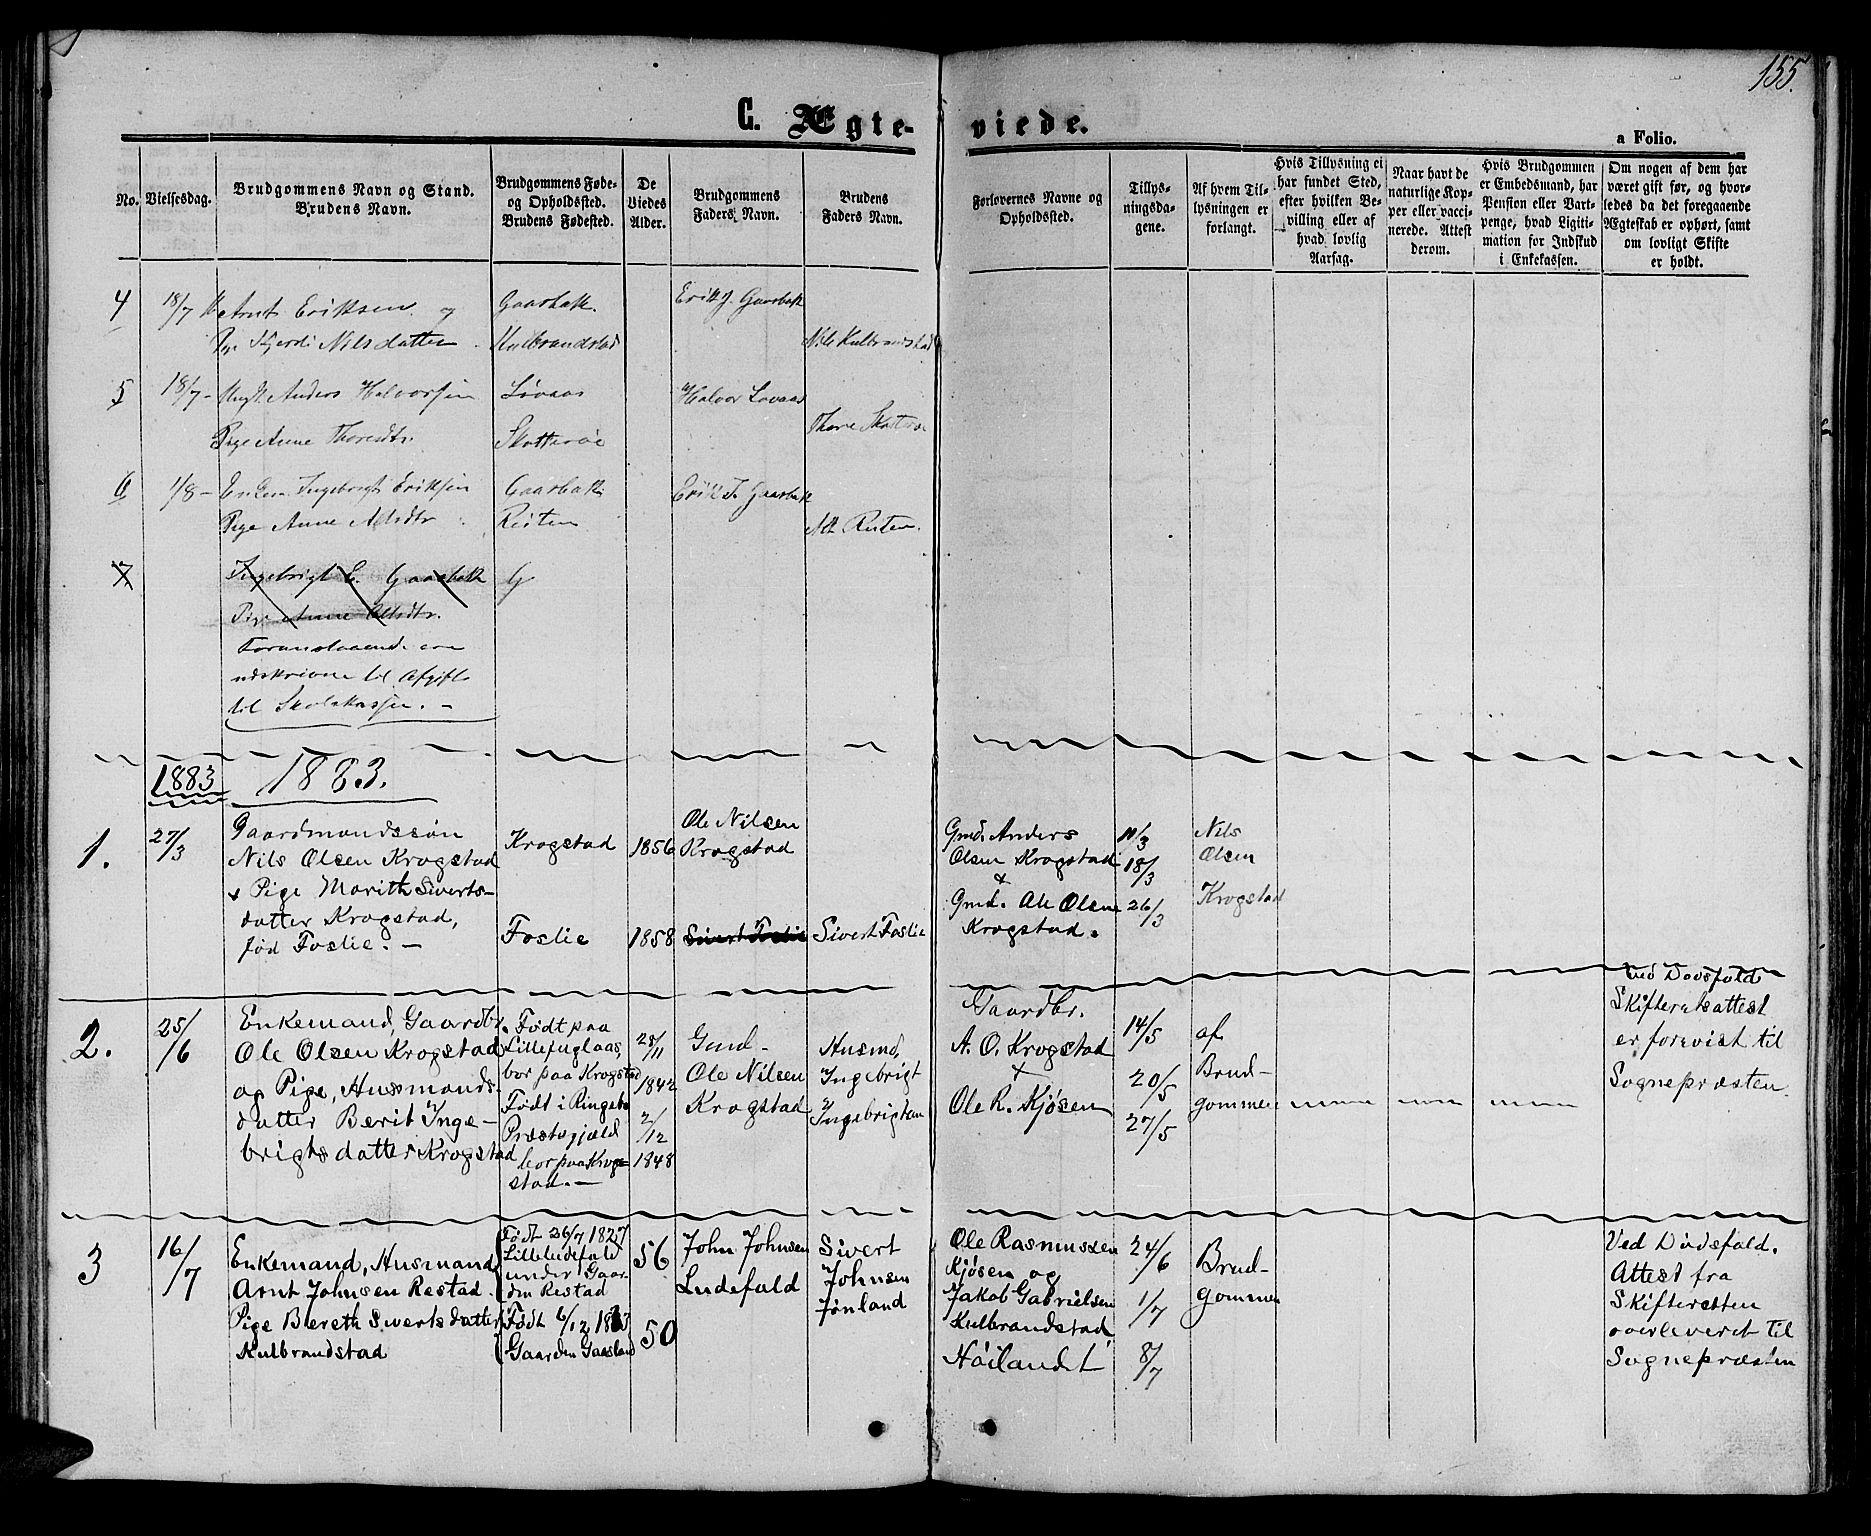 SAT, Ministerialprotokoller, klokkerbøker og fødselsregistre - Sør-Trøndelag, 694/L1131: Klokkerbok nr. 694C03, 1858-1886, s. 155